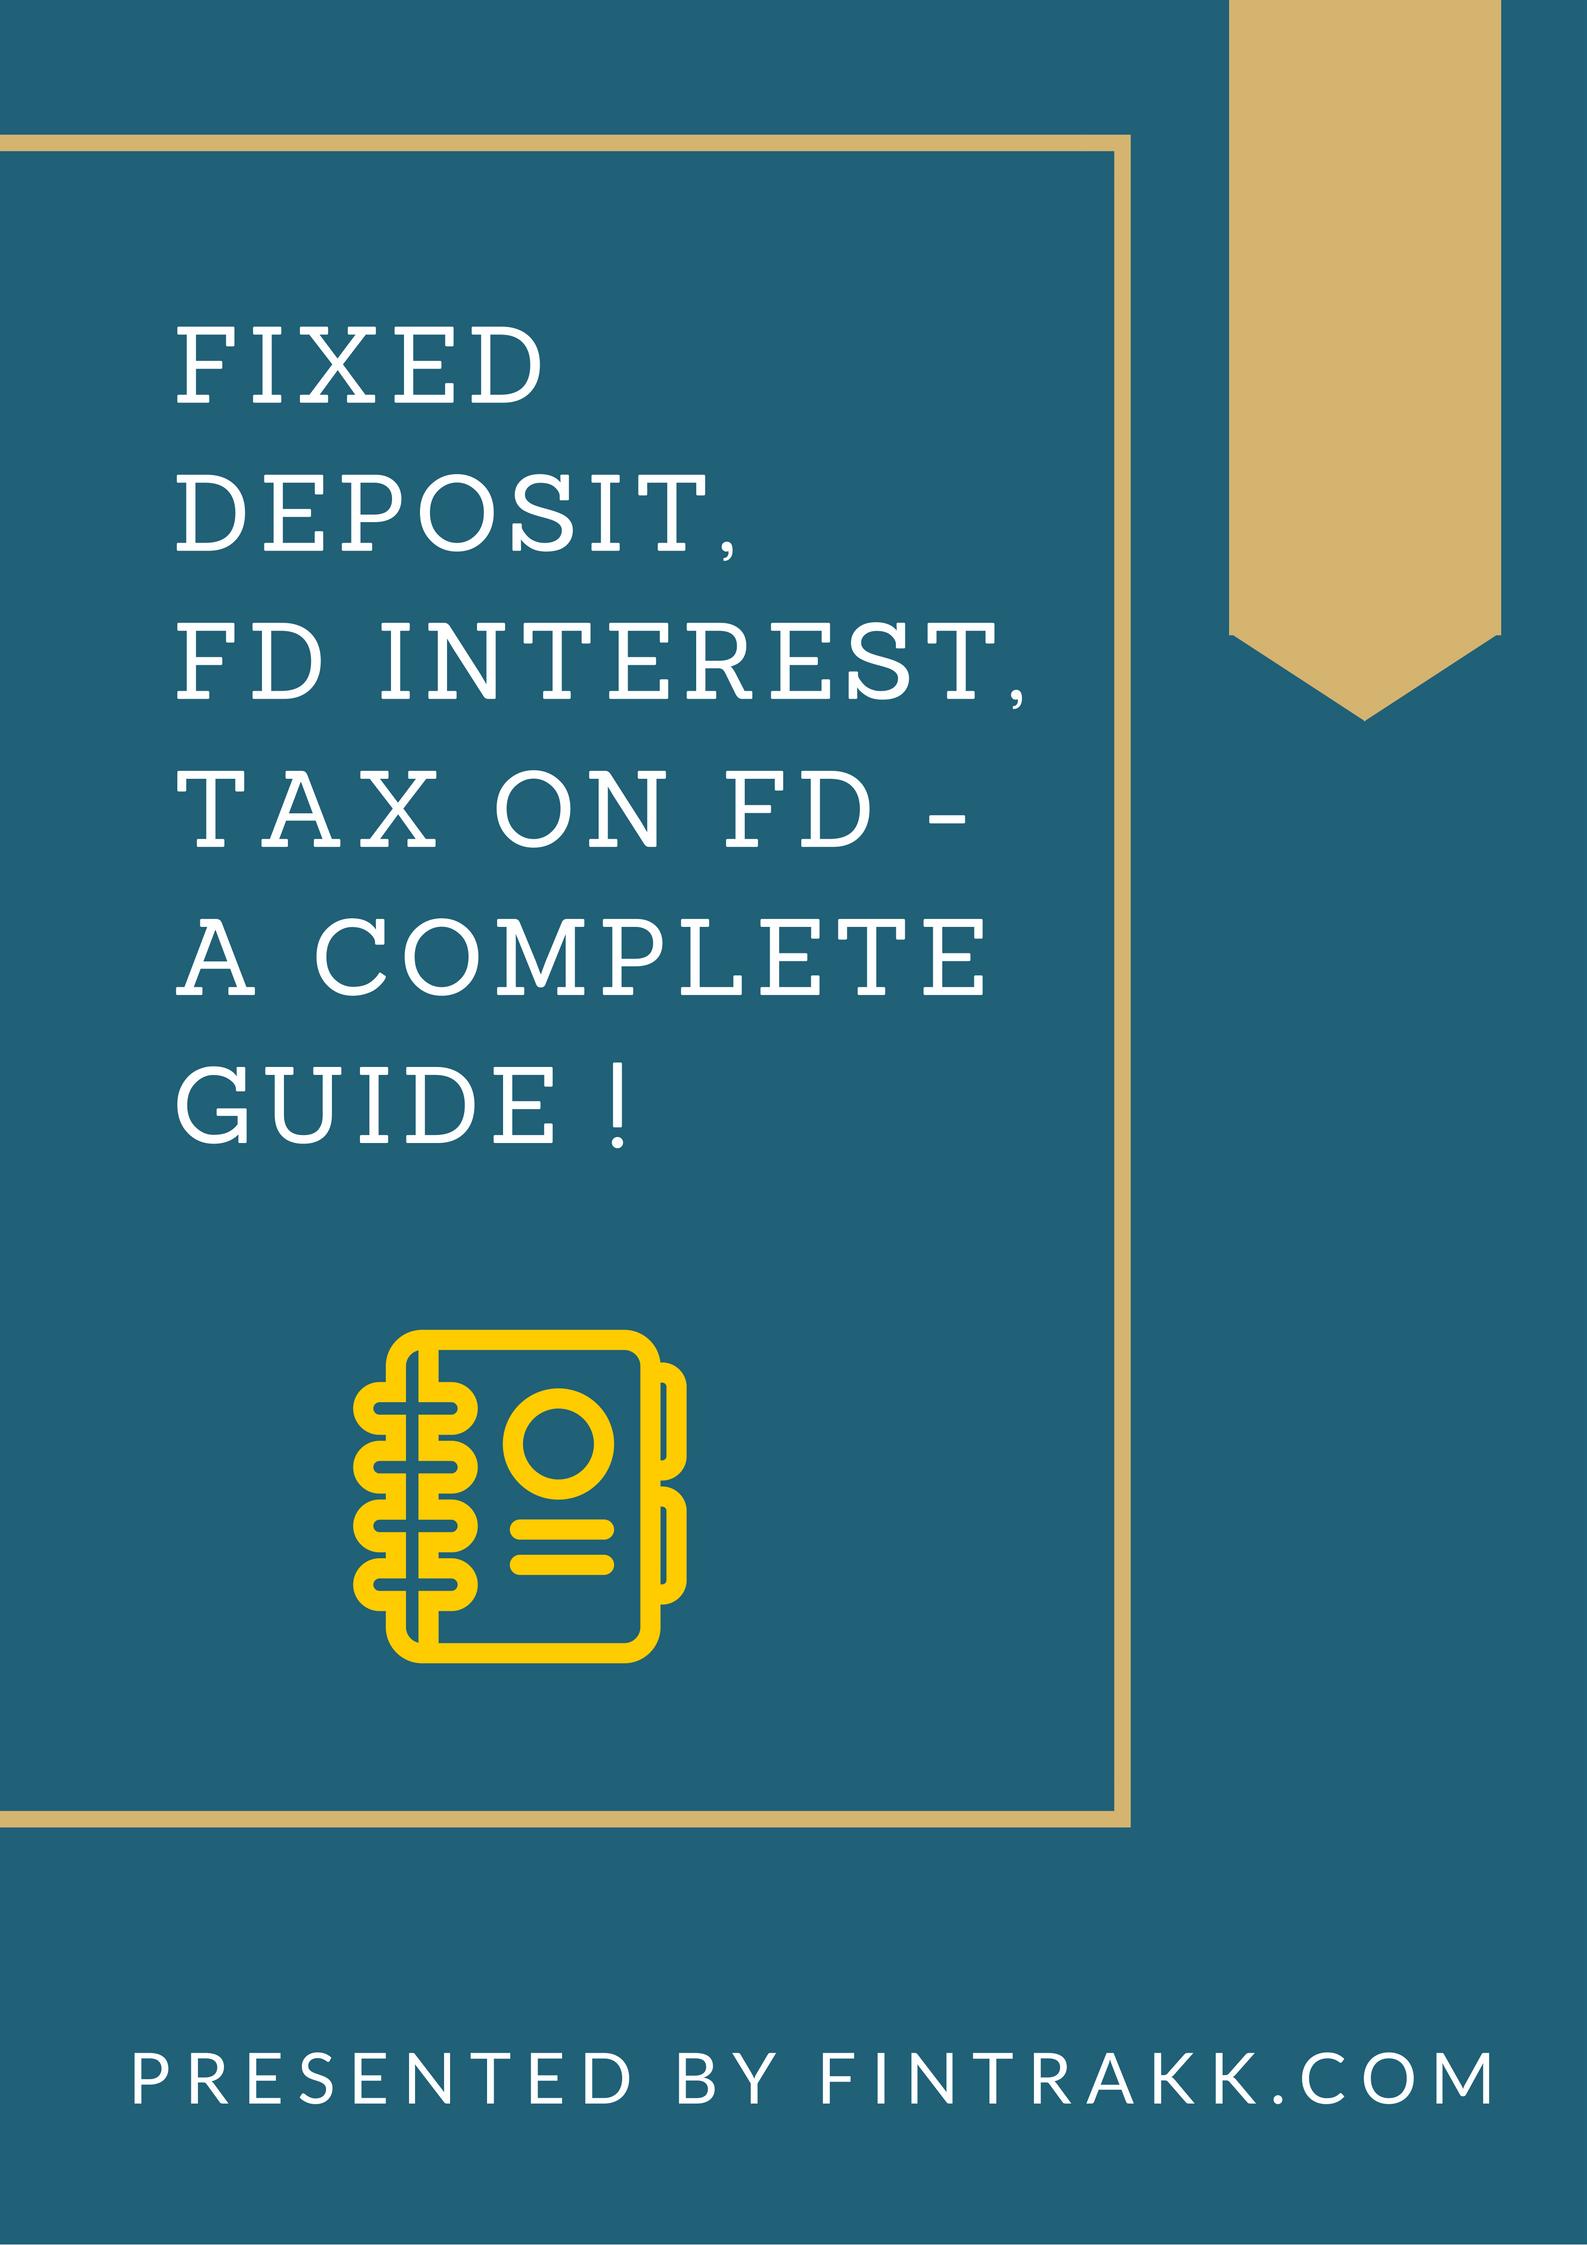 Fixed Deposit,FD Interest,FD,Tax on FD,FD Interest rates,tax on FD